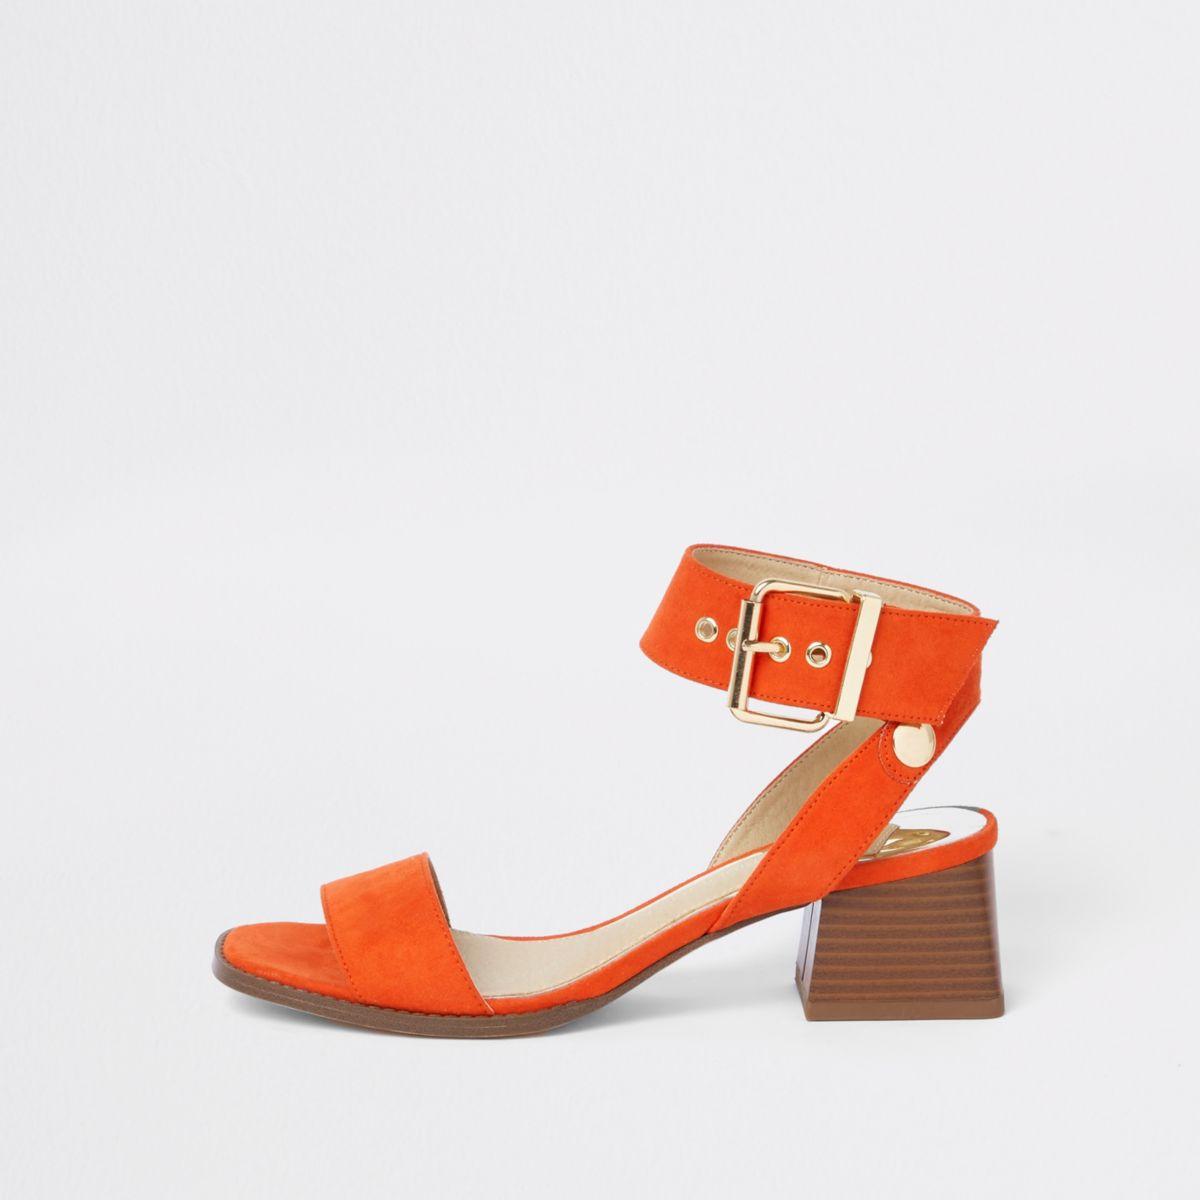 Red two part block heel sandals